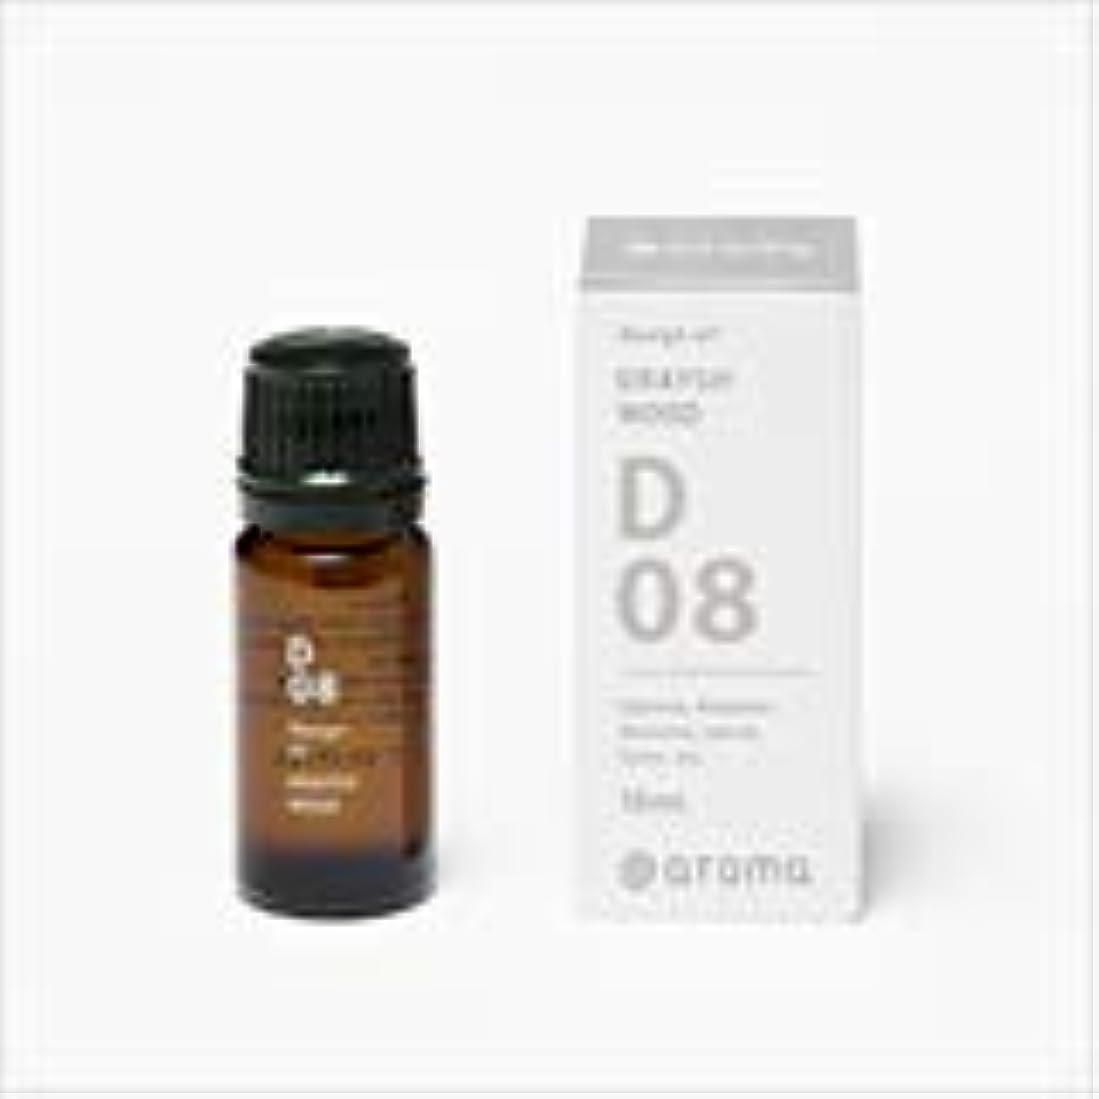 ピカソ製造農業アットアロマ 100%pure essential oil <Design air コンフォートリラックス>